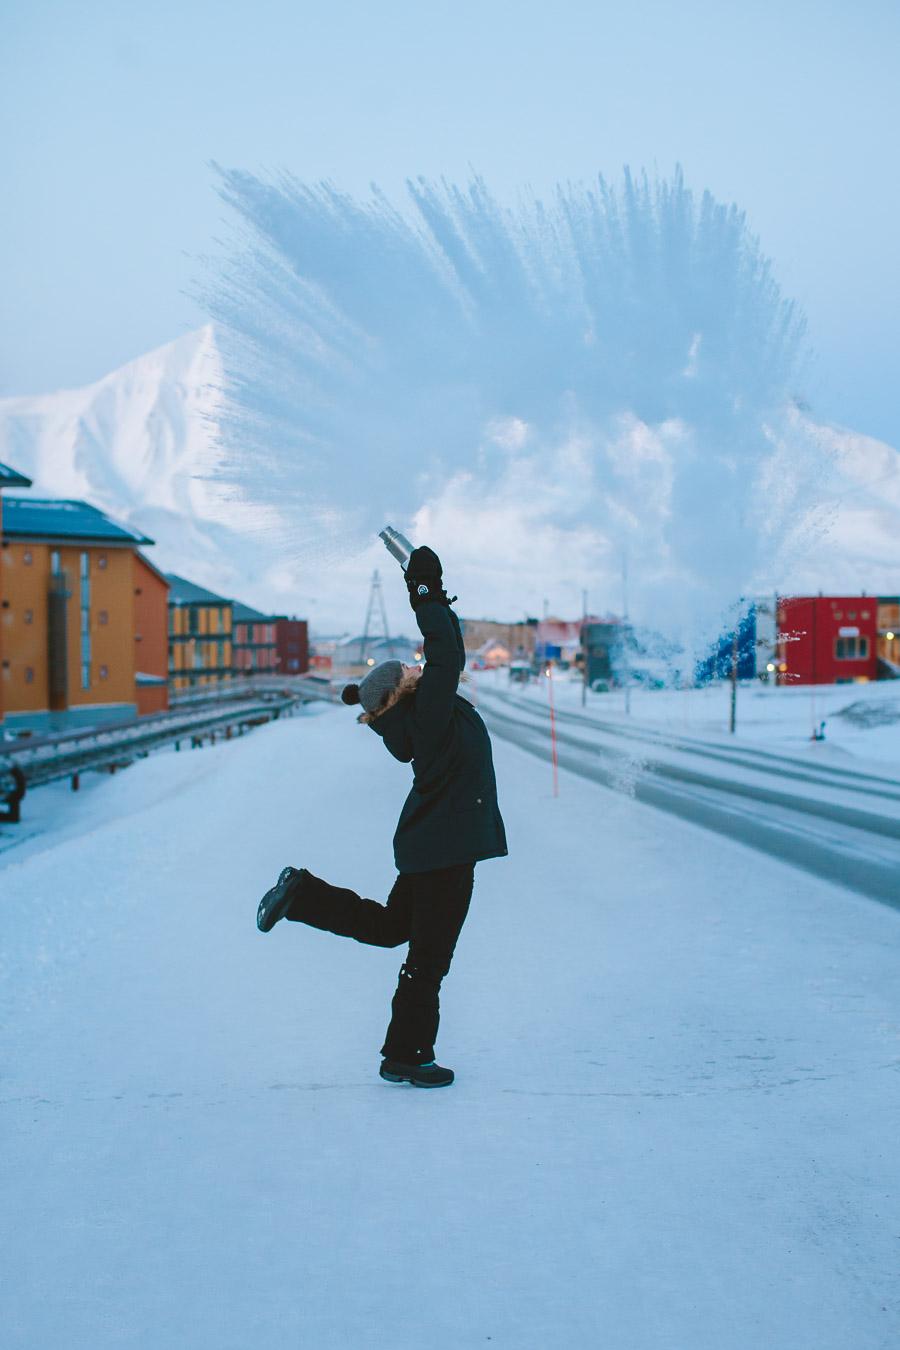 Svalbard photo diary - part ii